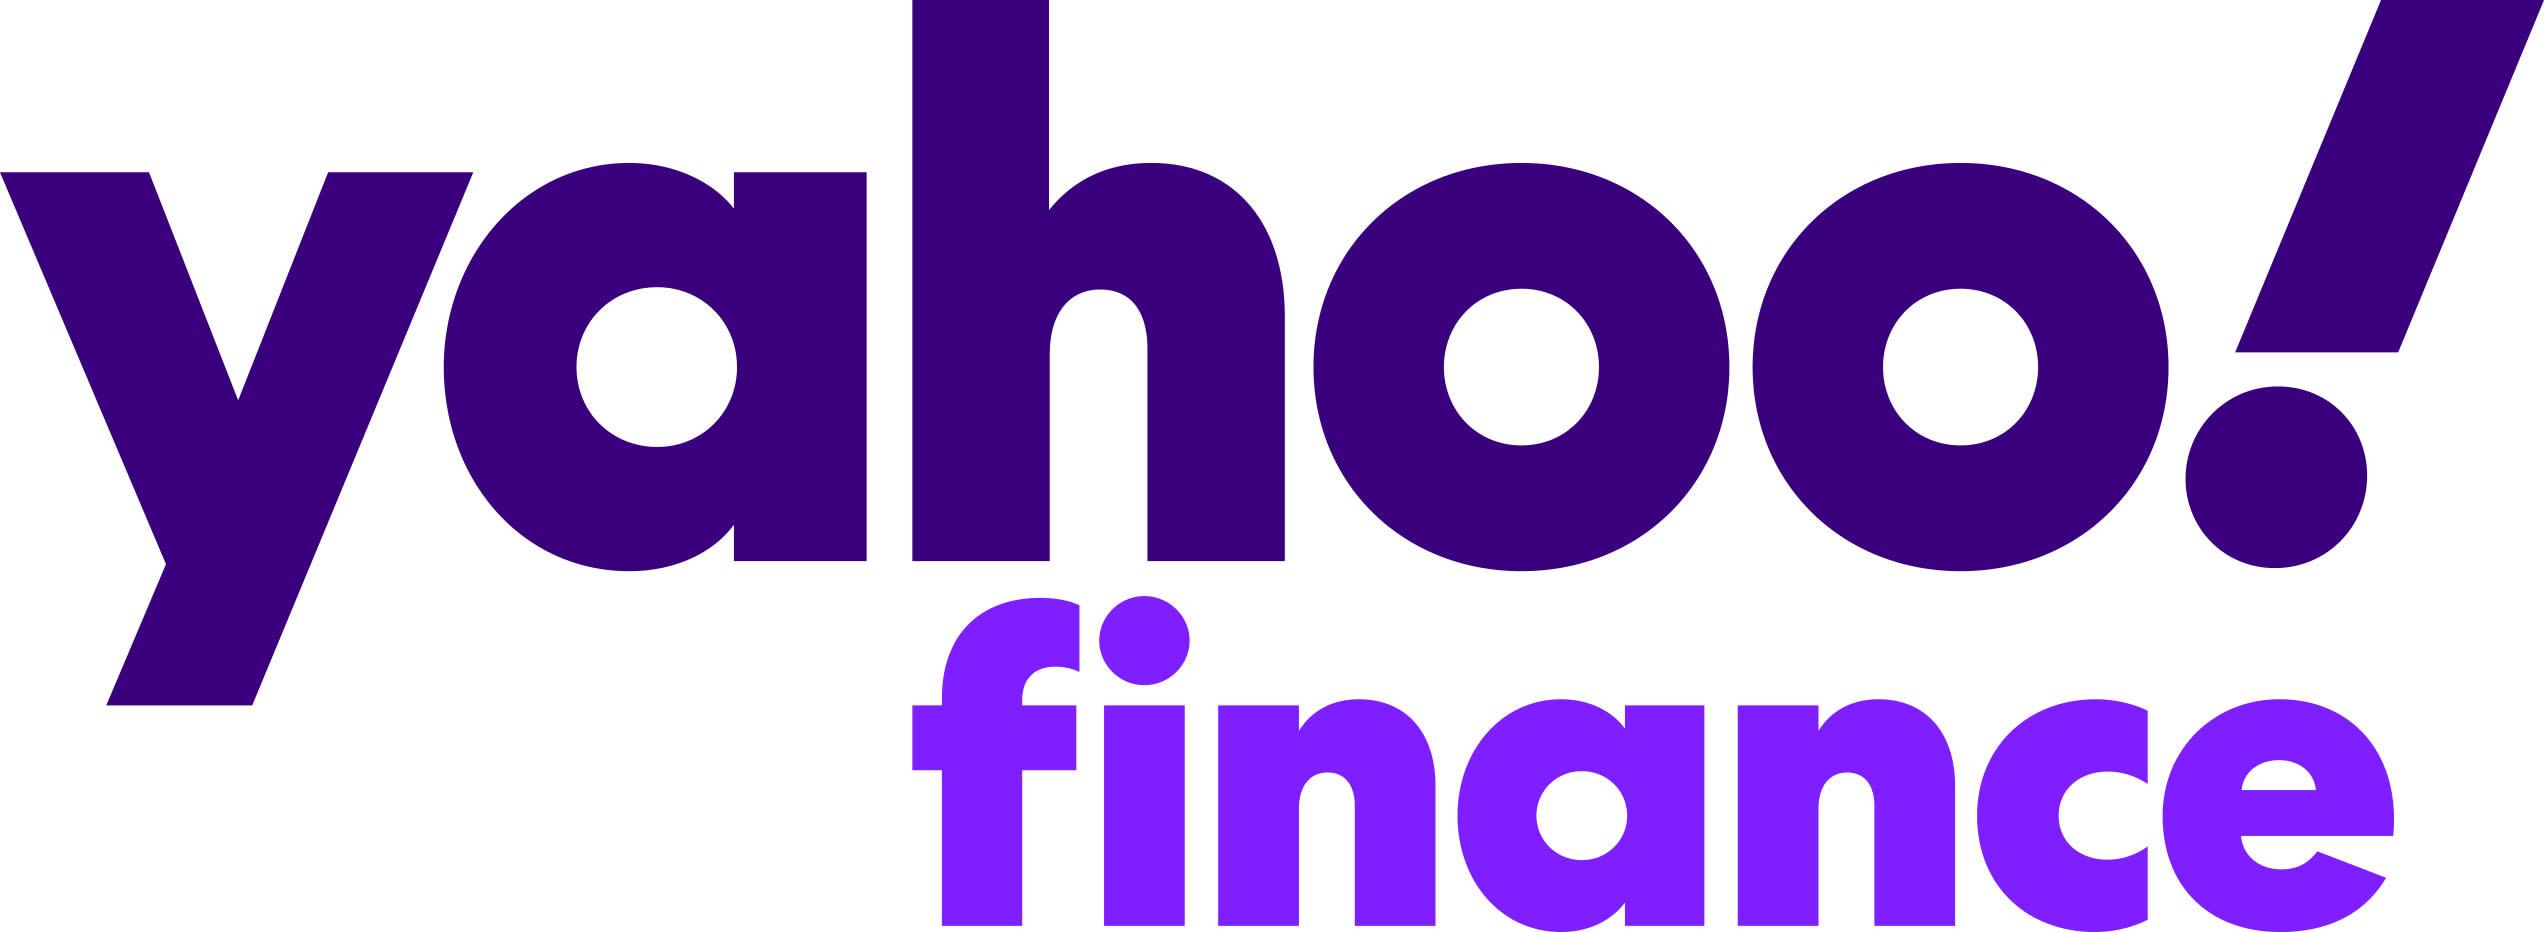 Usa yahoo finance